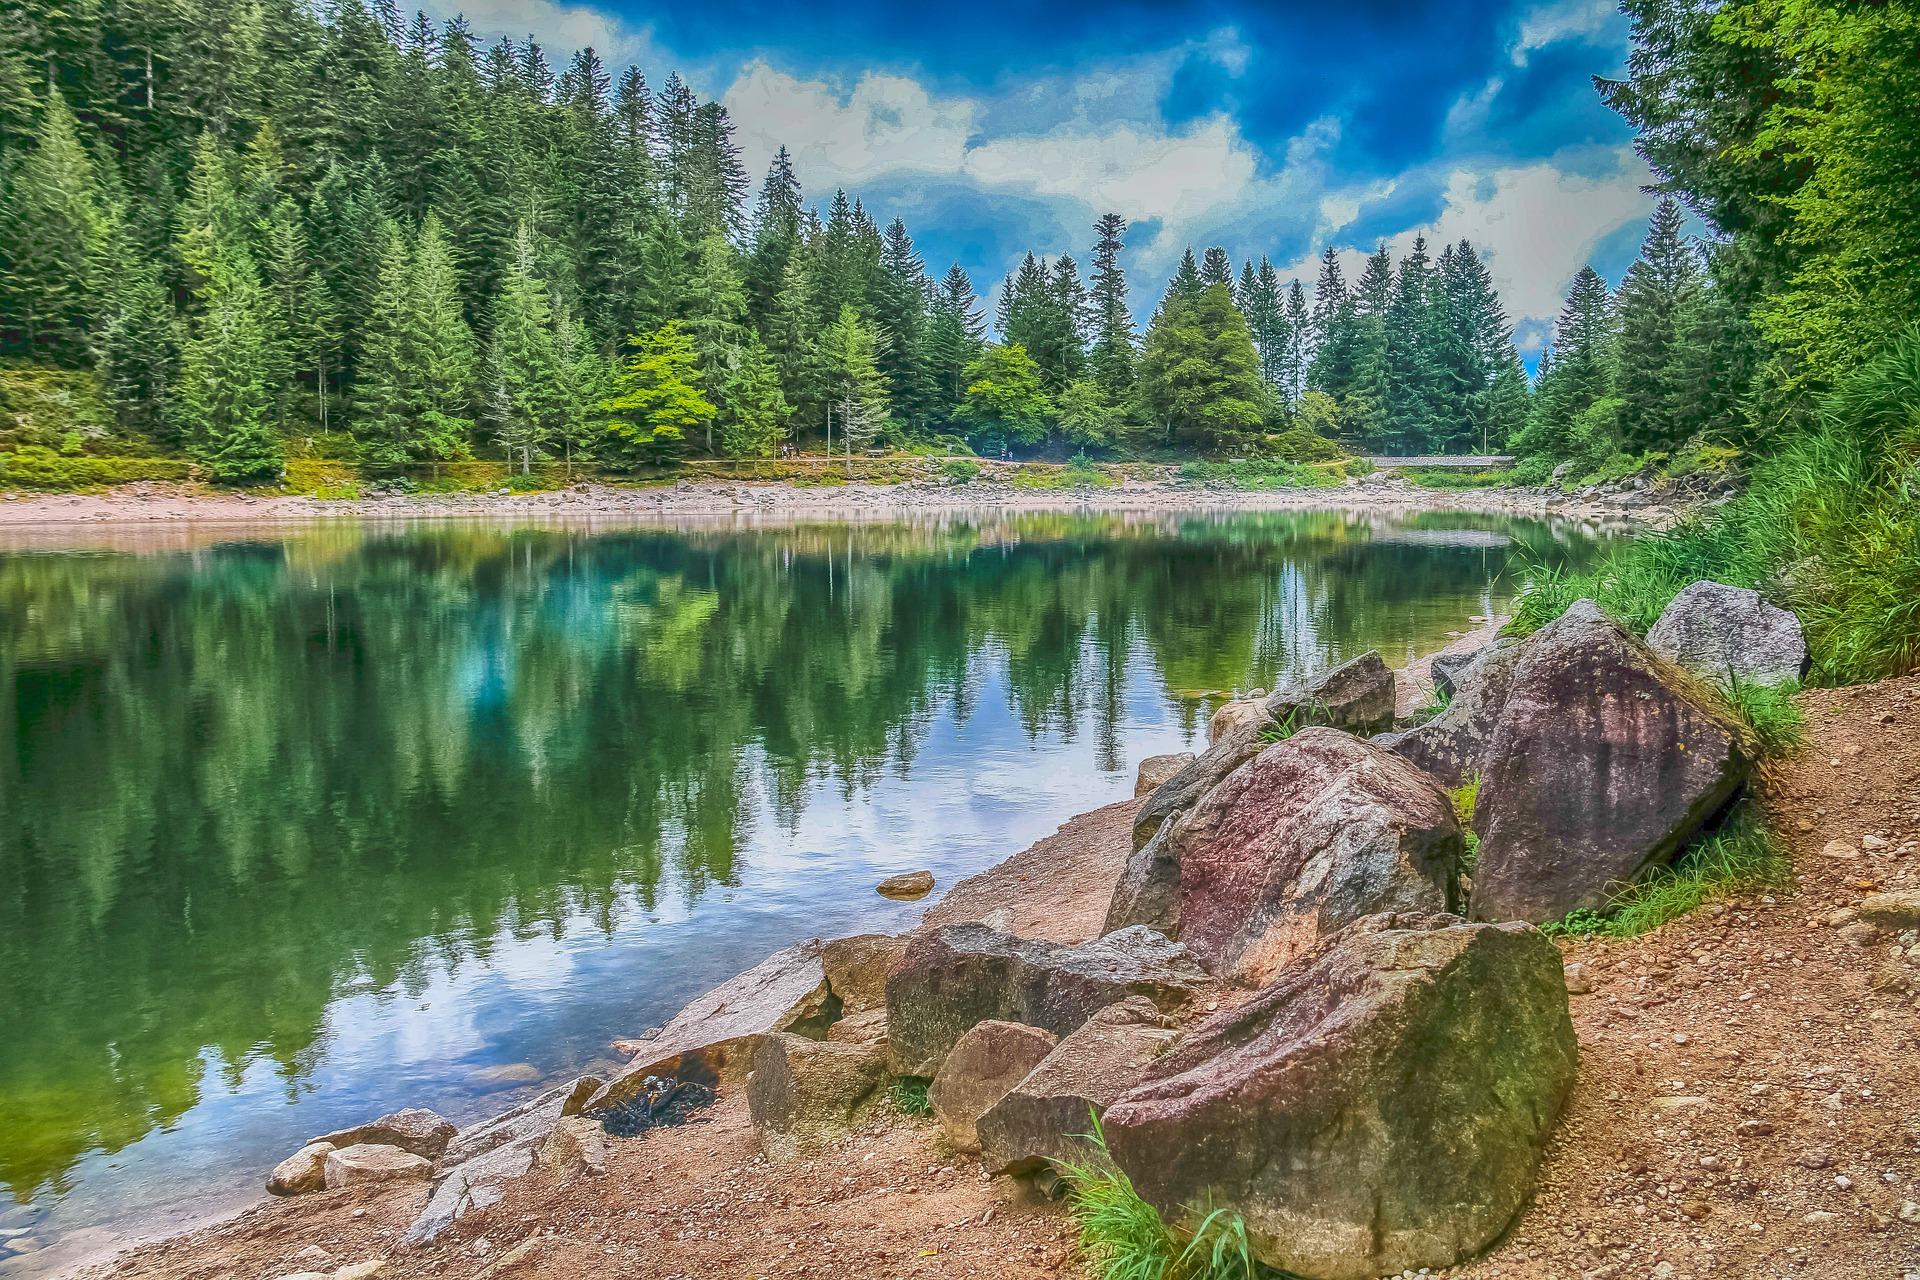 Lac Canadien ? Non, lac Vosgien.